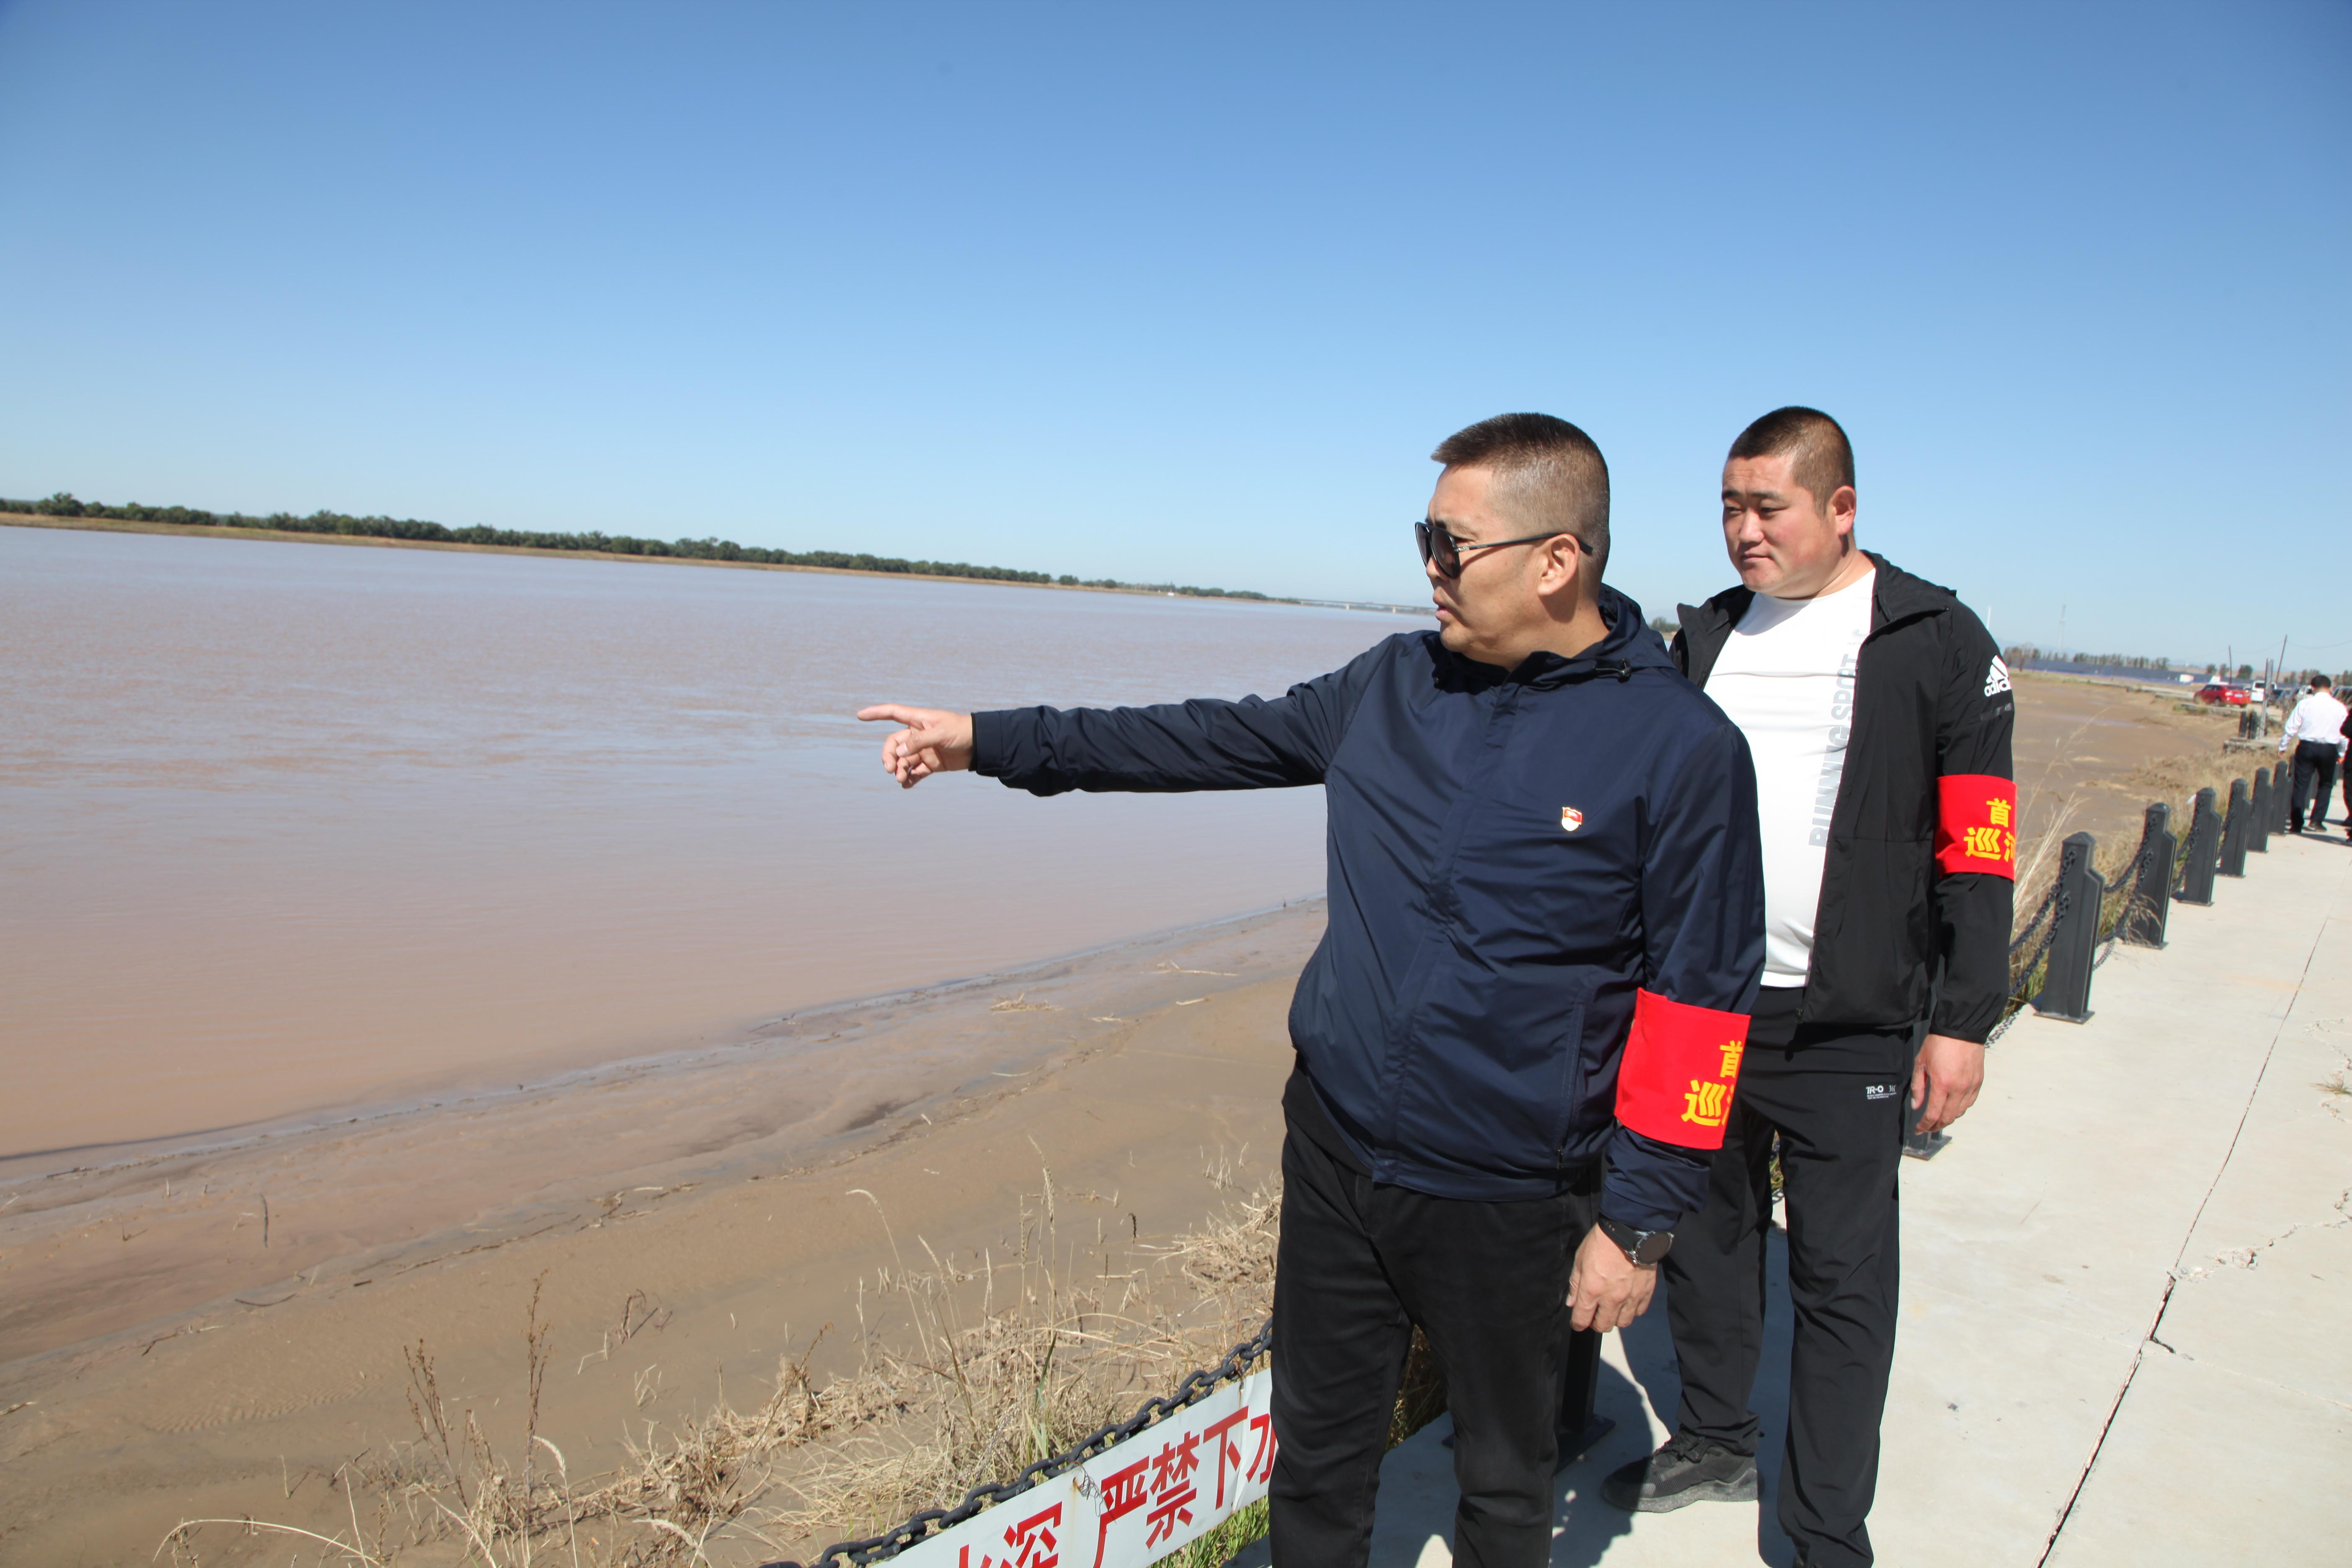 内蒙古保护母亲河志愿者服务活动引众关爱山川河流